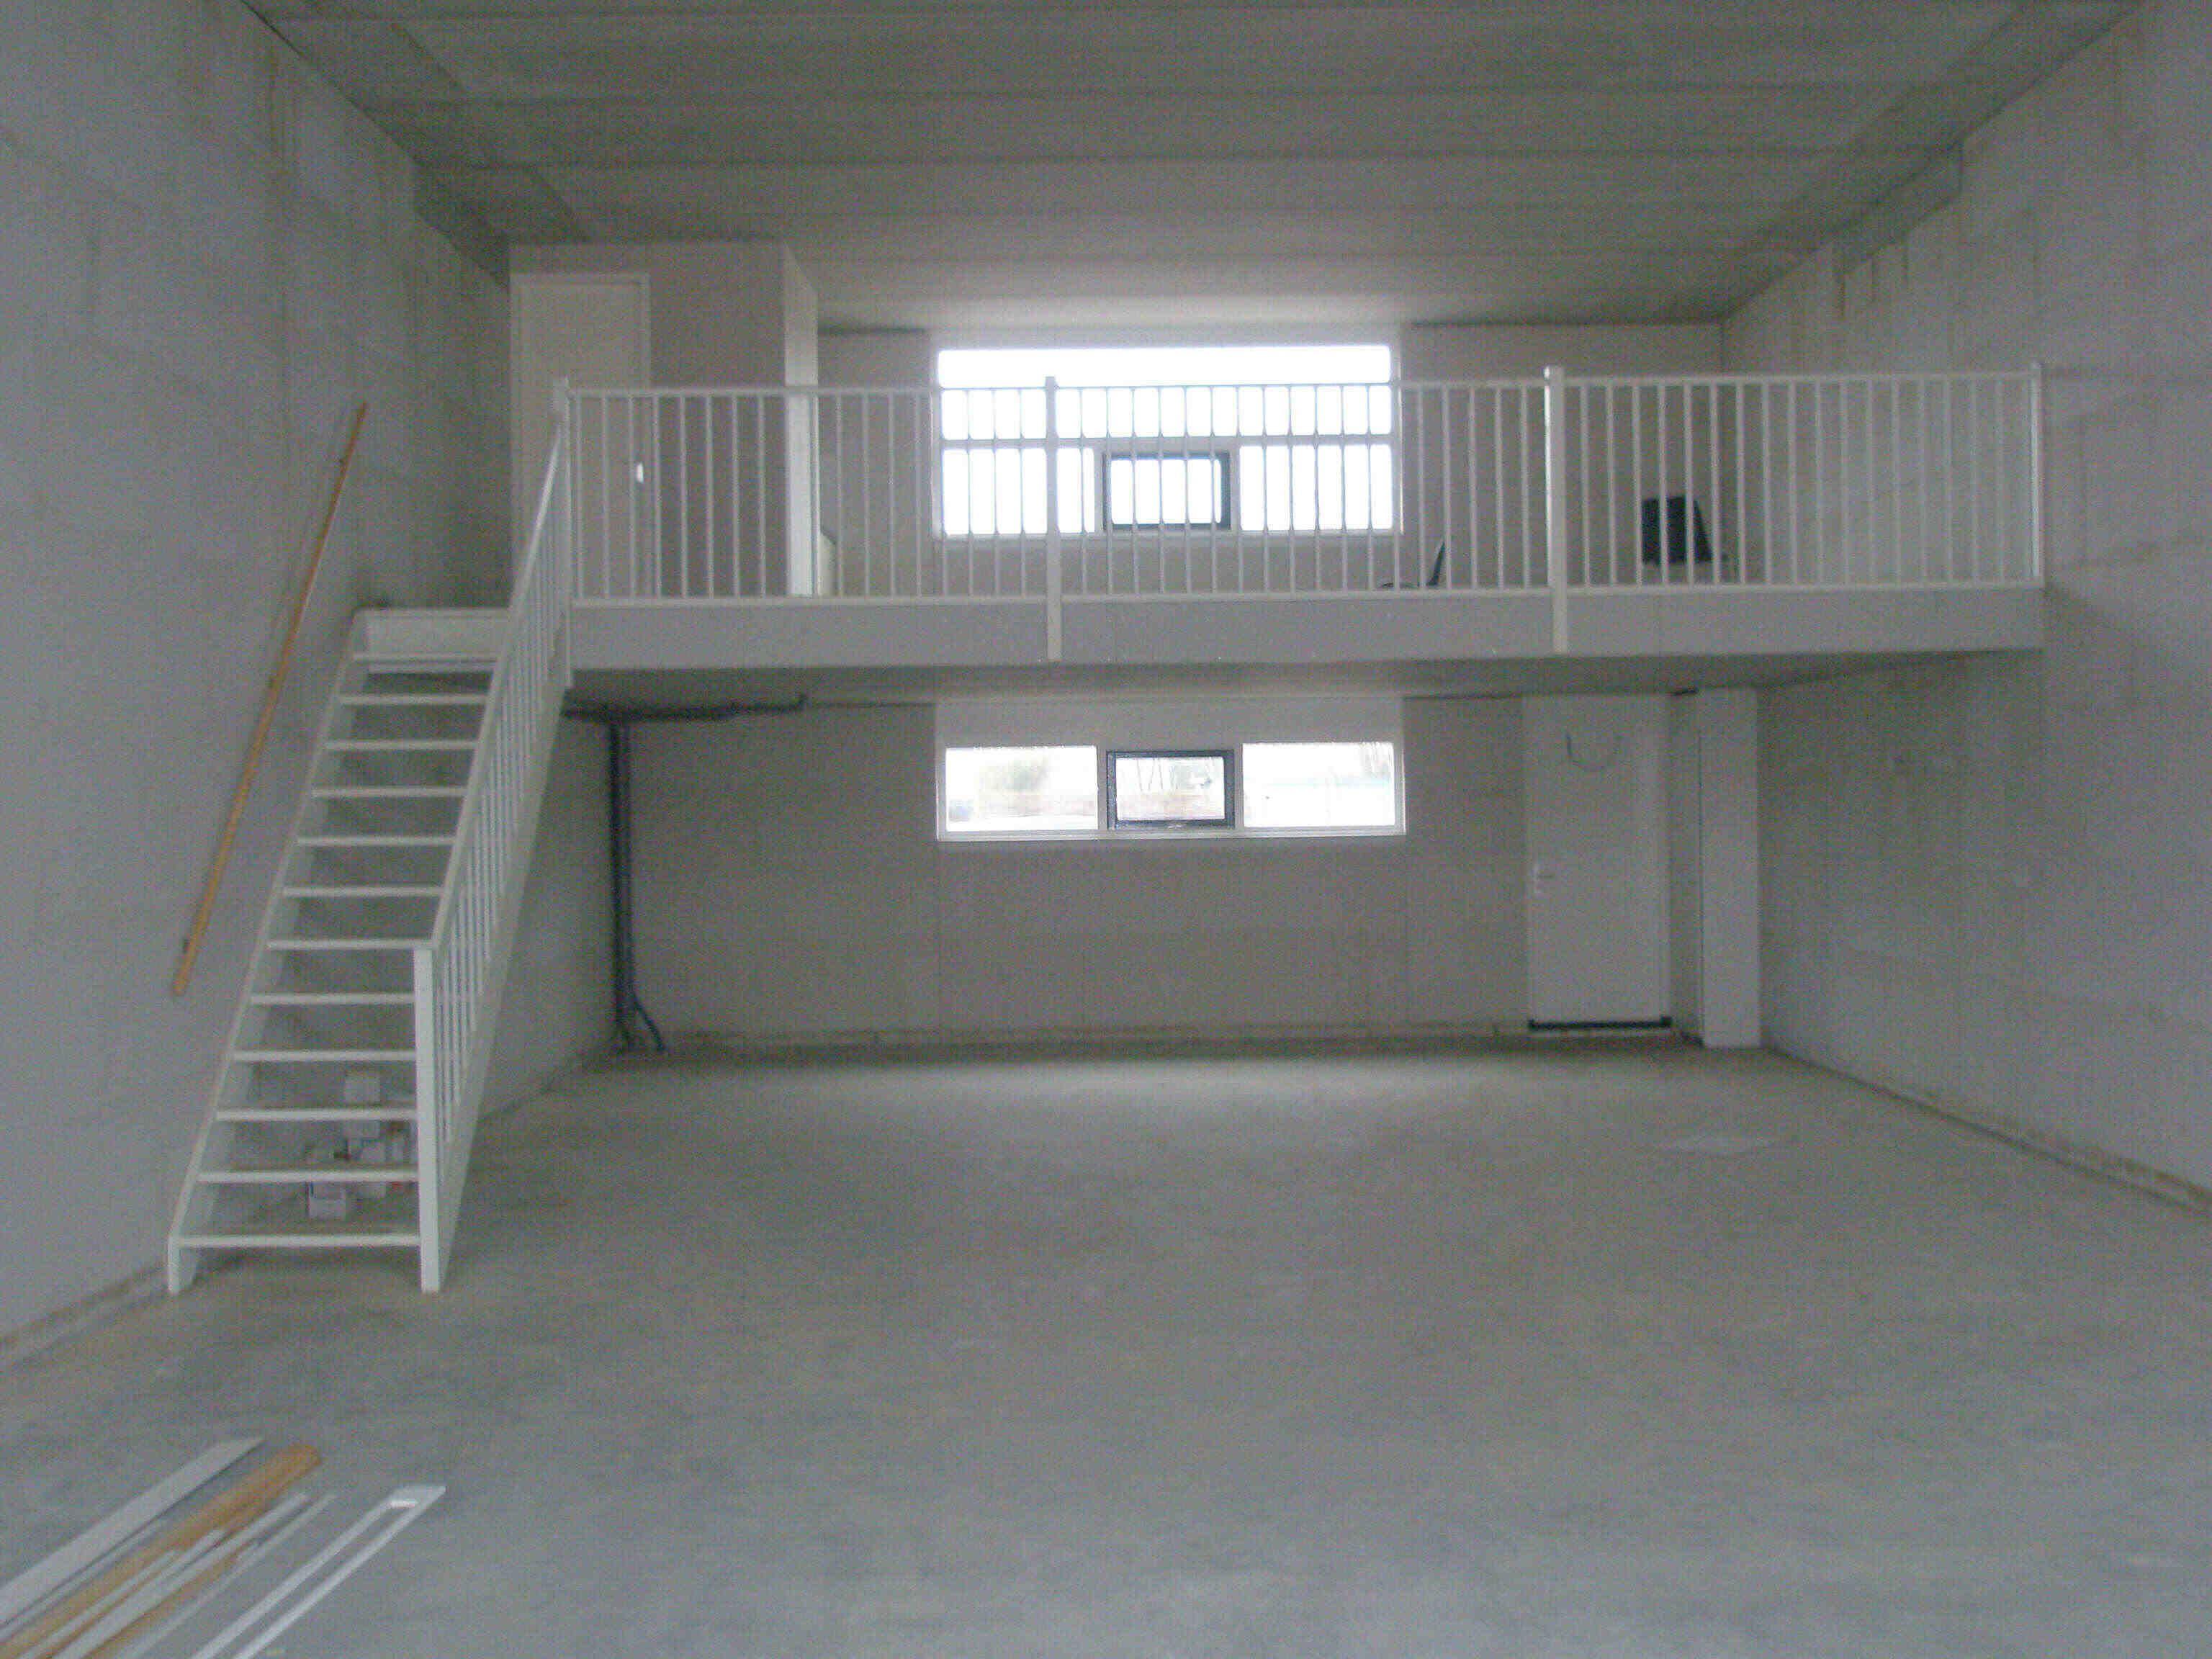 entresol loft pinterest lofts tiny houses and mezzanine